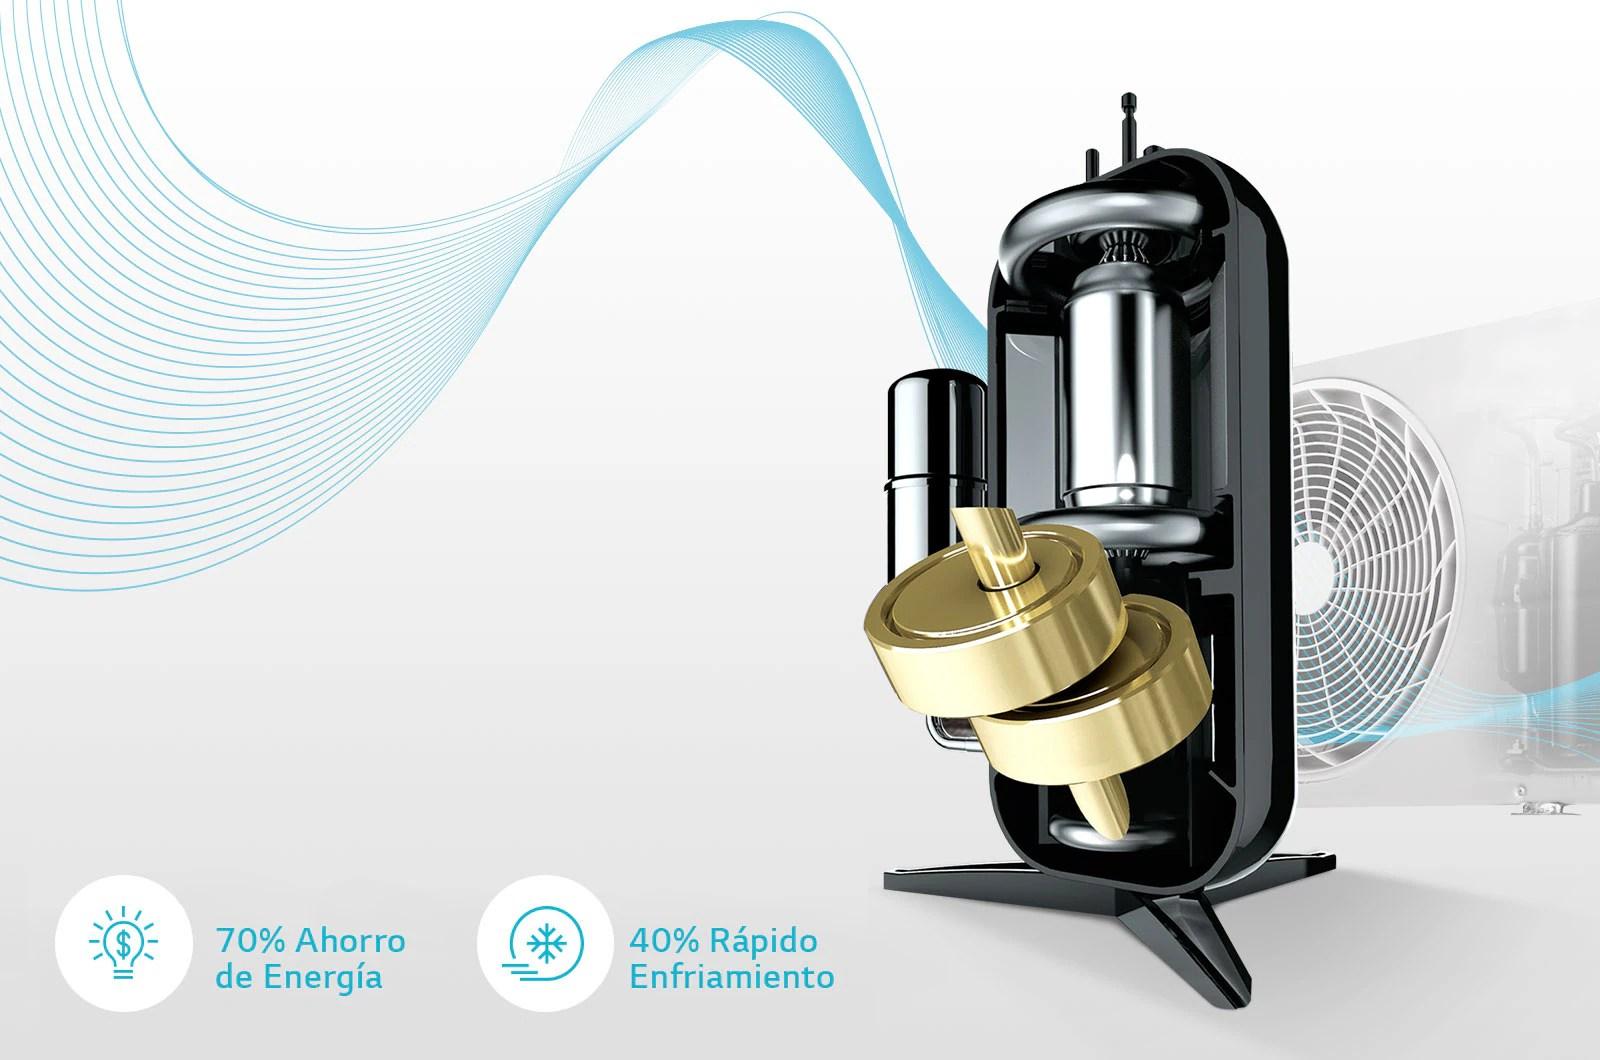 Dual Inverter Compressor 10 años de garantía3